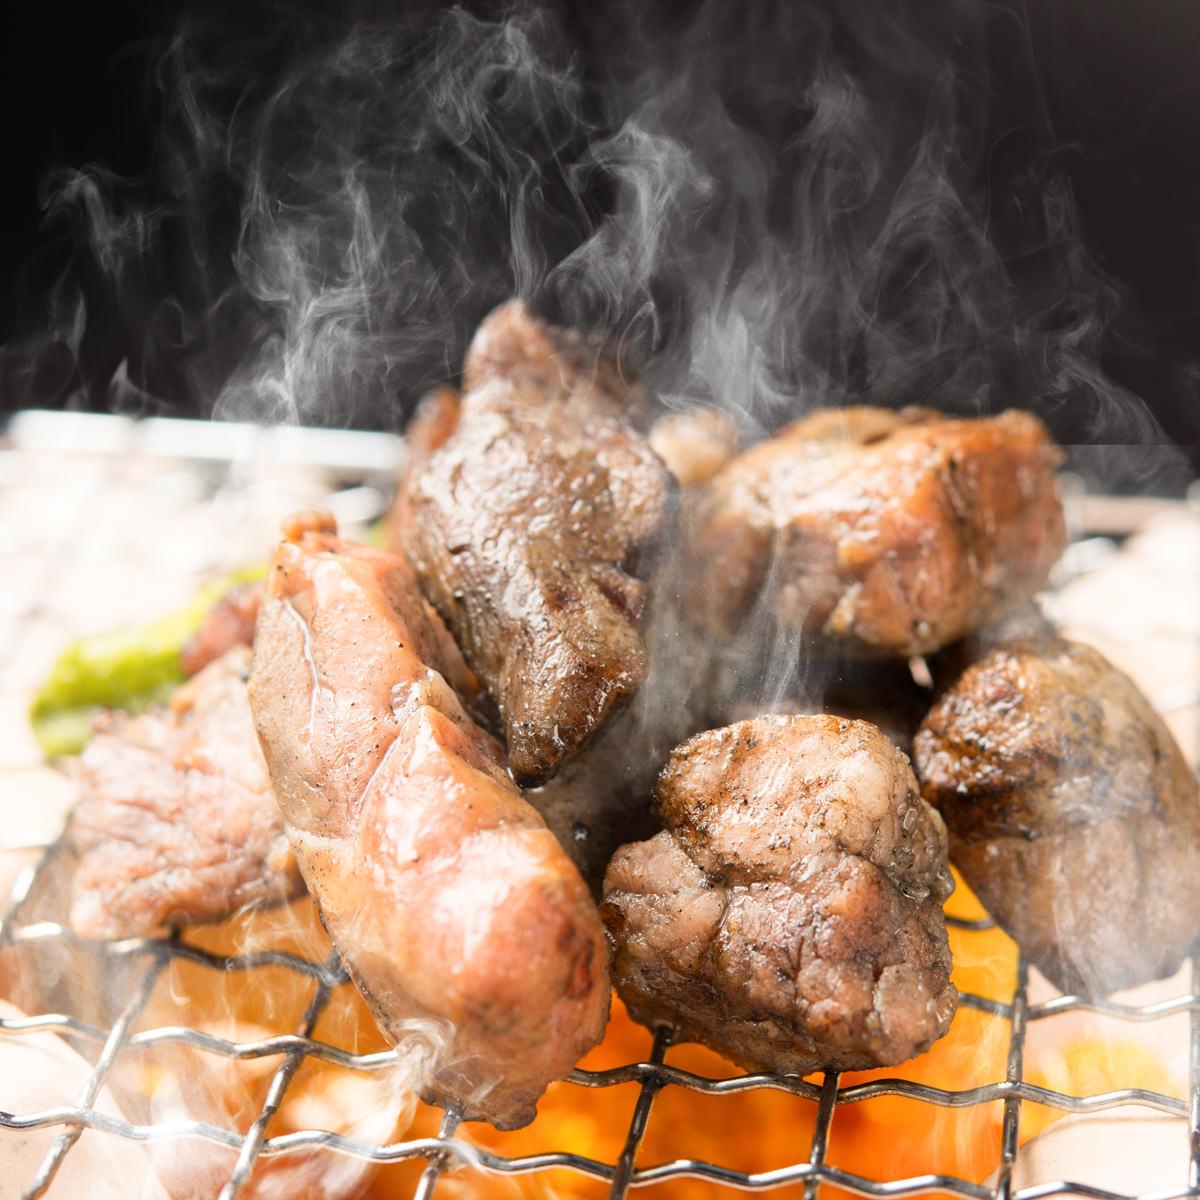 大成畜産 鹿児島黒豚やごろう豚無添加3種セット〔炭火焼き80g・桜島灰干し50g・椎茸ご飯の素160g〕